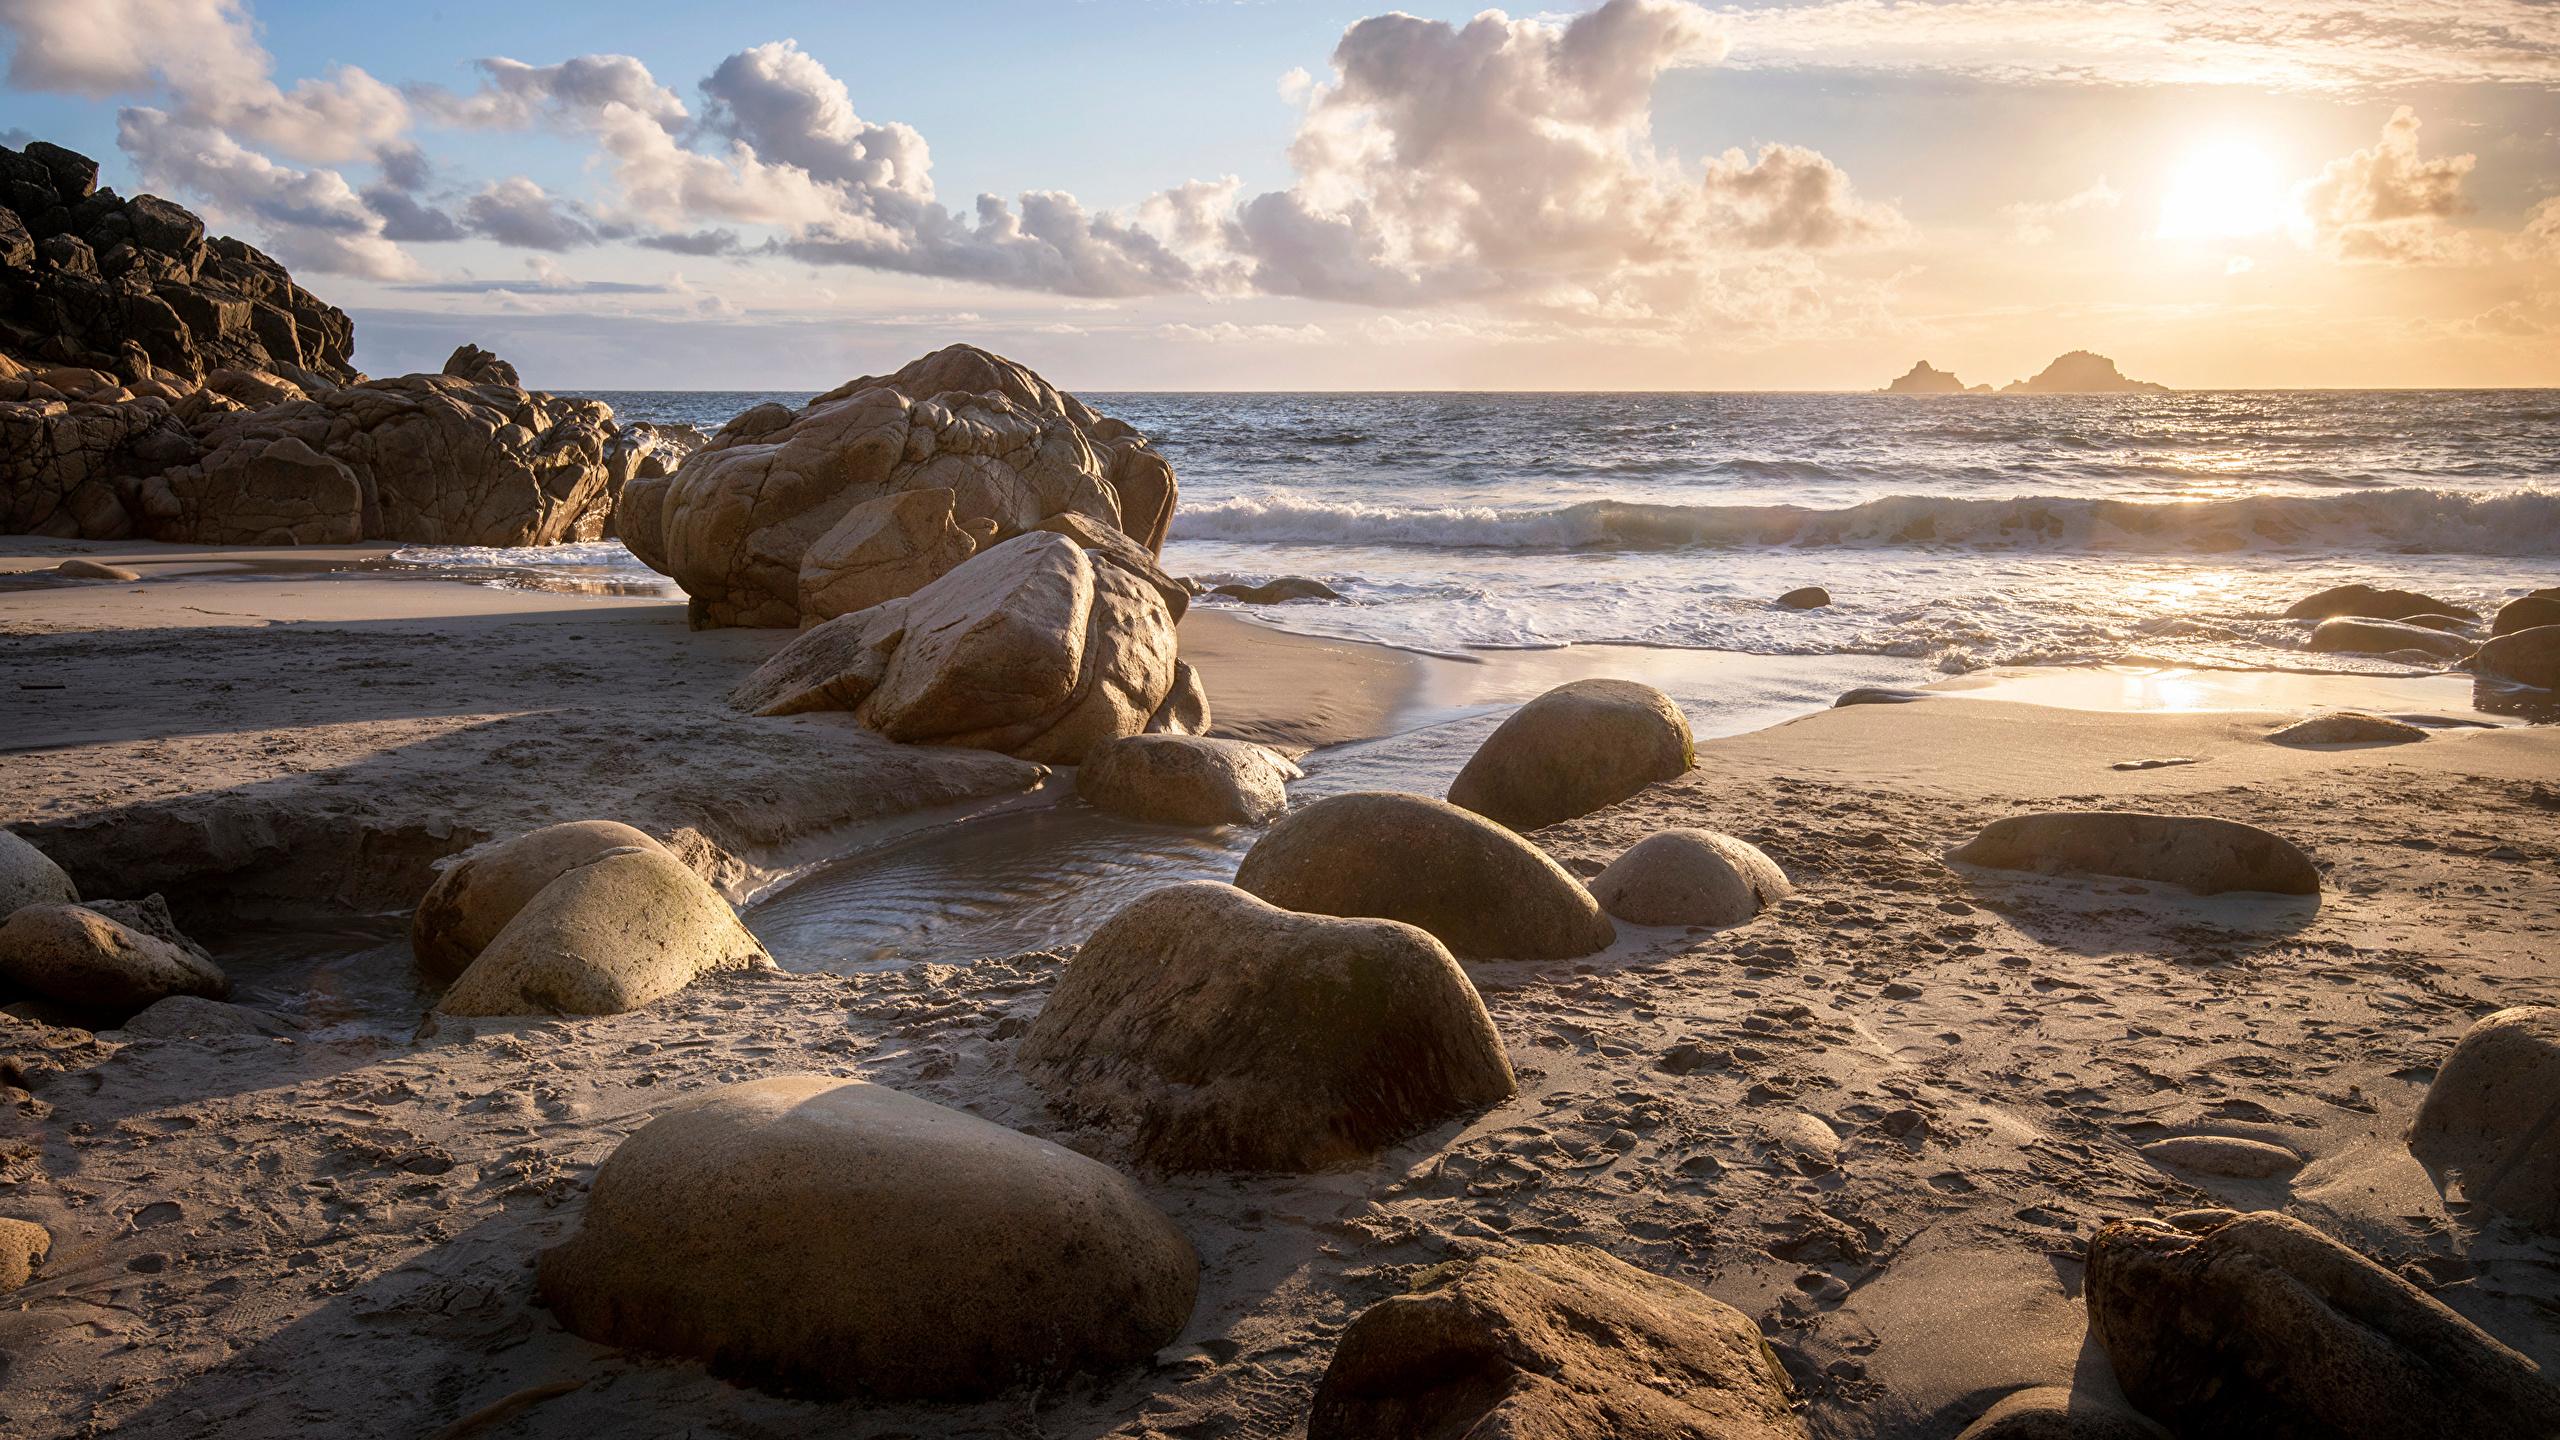 Обои для рабочего стола Англия Porth Nanven солнца Природа Песок Камни Побережье 2560x1440 Солнце песка песке берег Камень